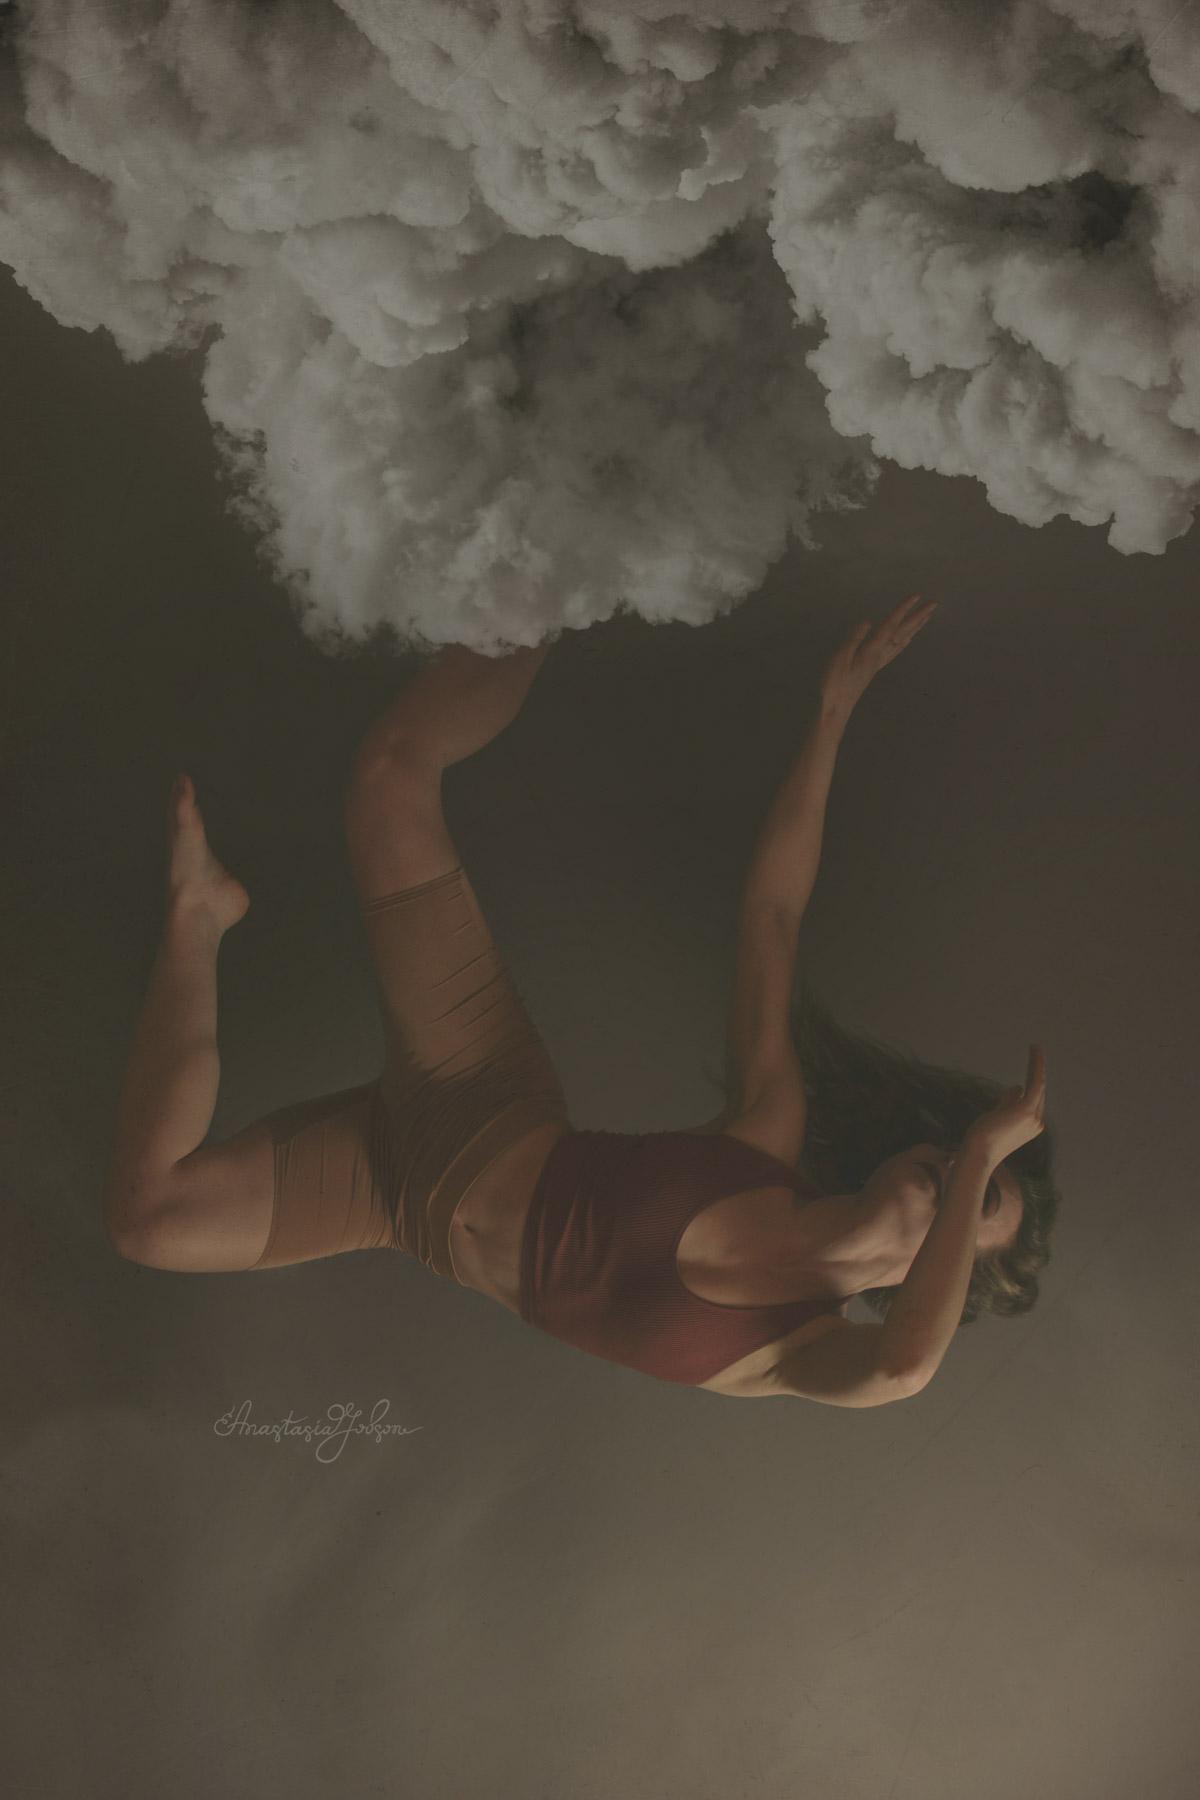 Fine art portrait of a dancer, fine art dance photography, dance photography fine art by Anastasia Jobson